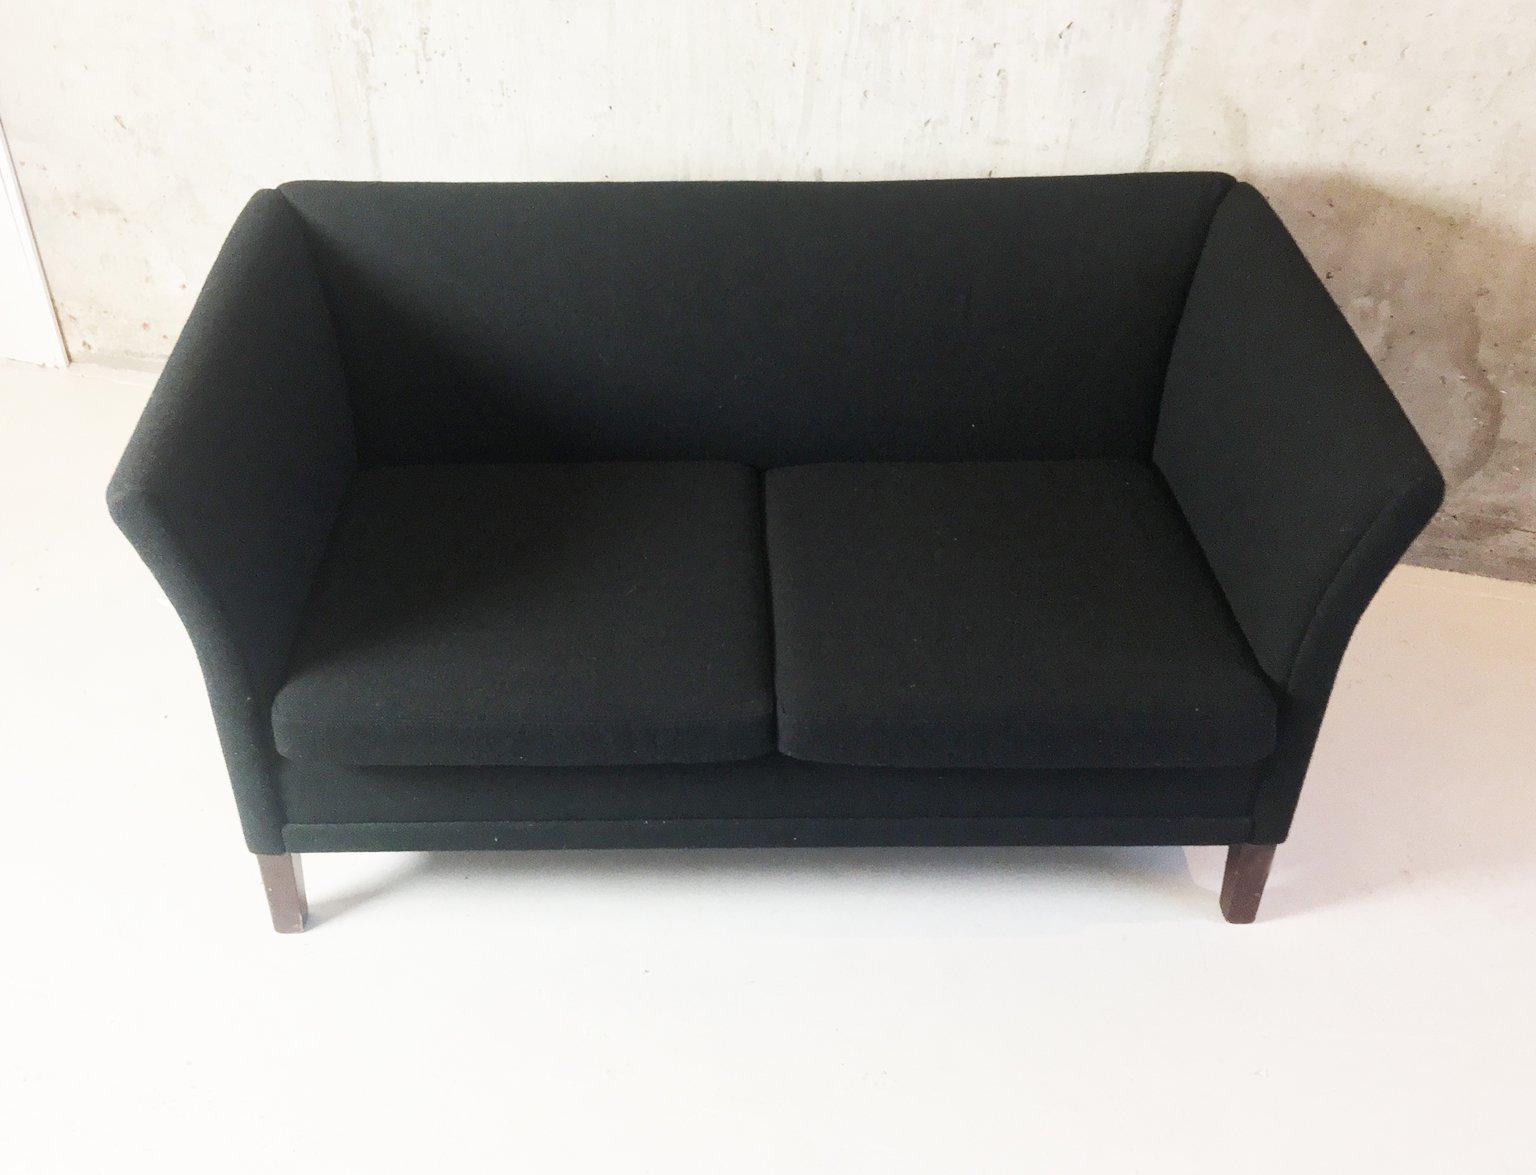 d nisches 2 sitzer sofa aus schwarzer wolle 1970er bei pamono kaufen. Black Bedroom Furniture Sets. Home Design Ideas